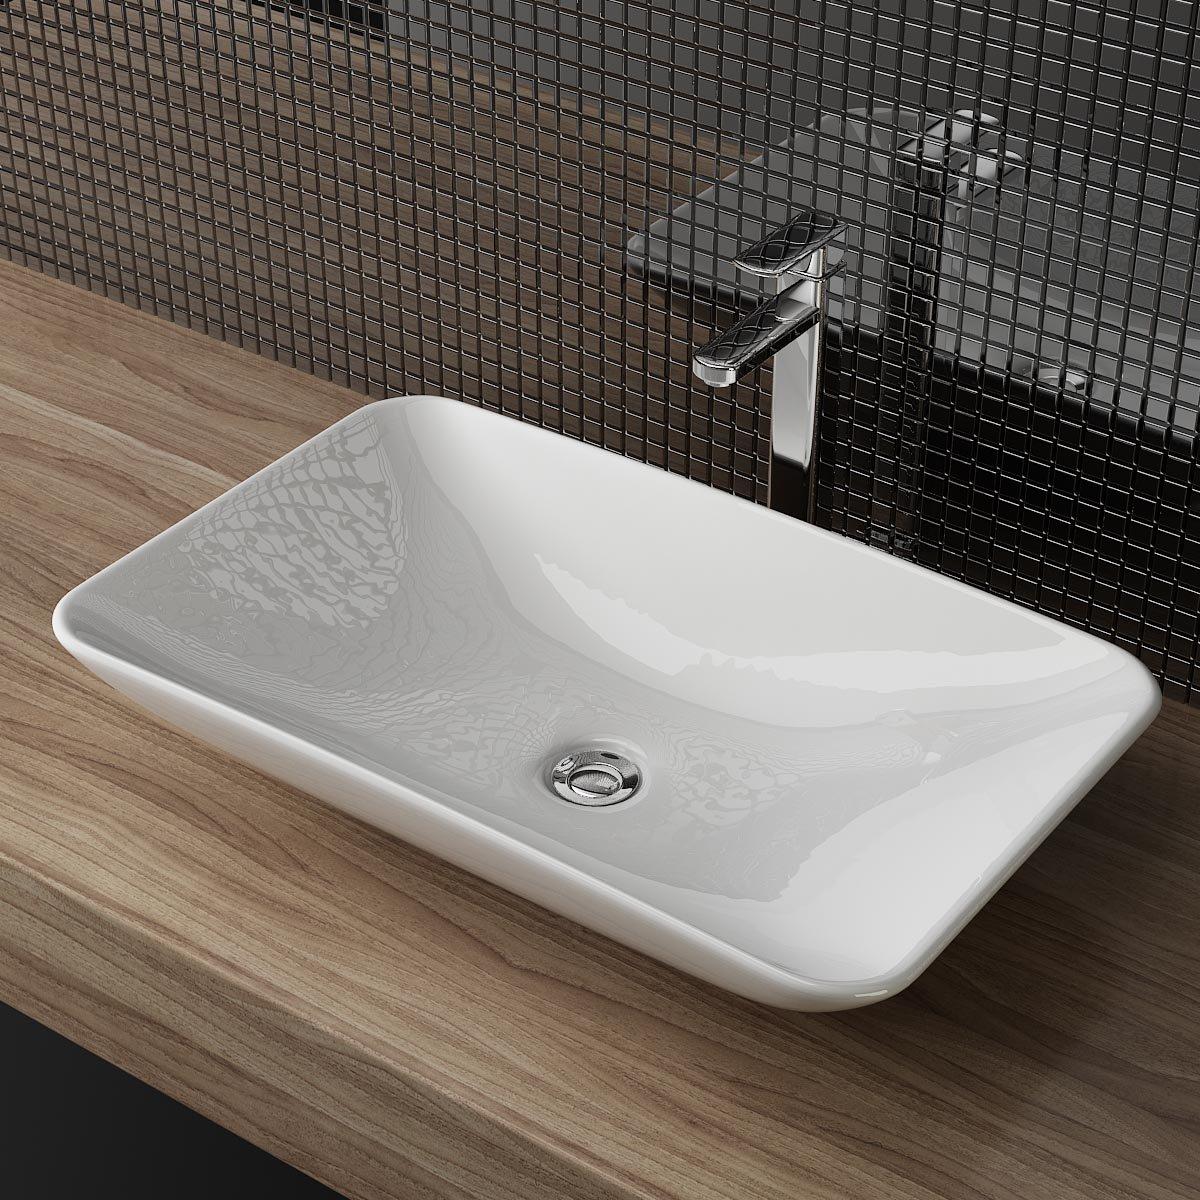 Aufsatzwaschbecken gäste wc  DESIGN KERAMIK AUFSATZWASCHBECKEN WASCHTISCH WASCHSCHALE ...